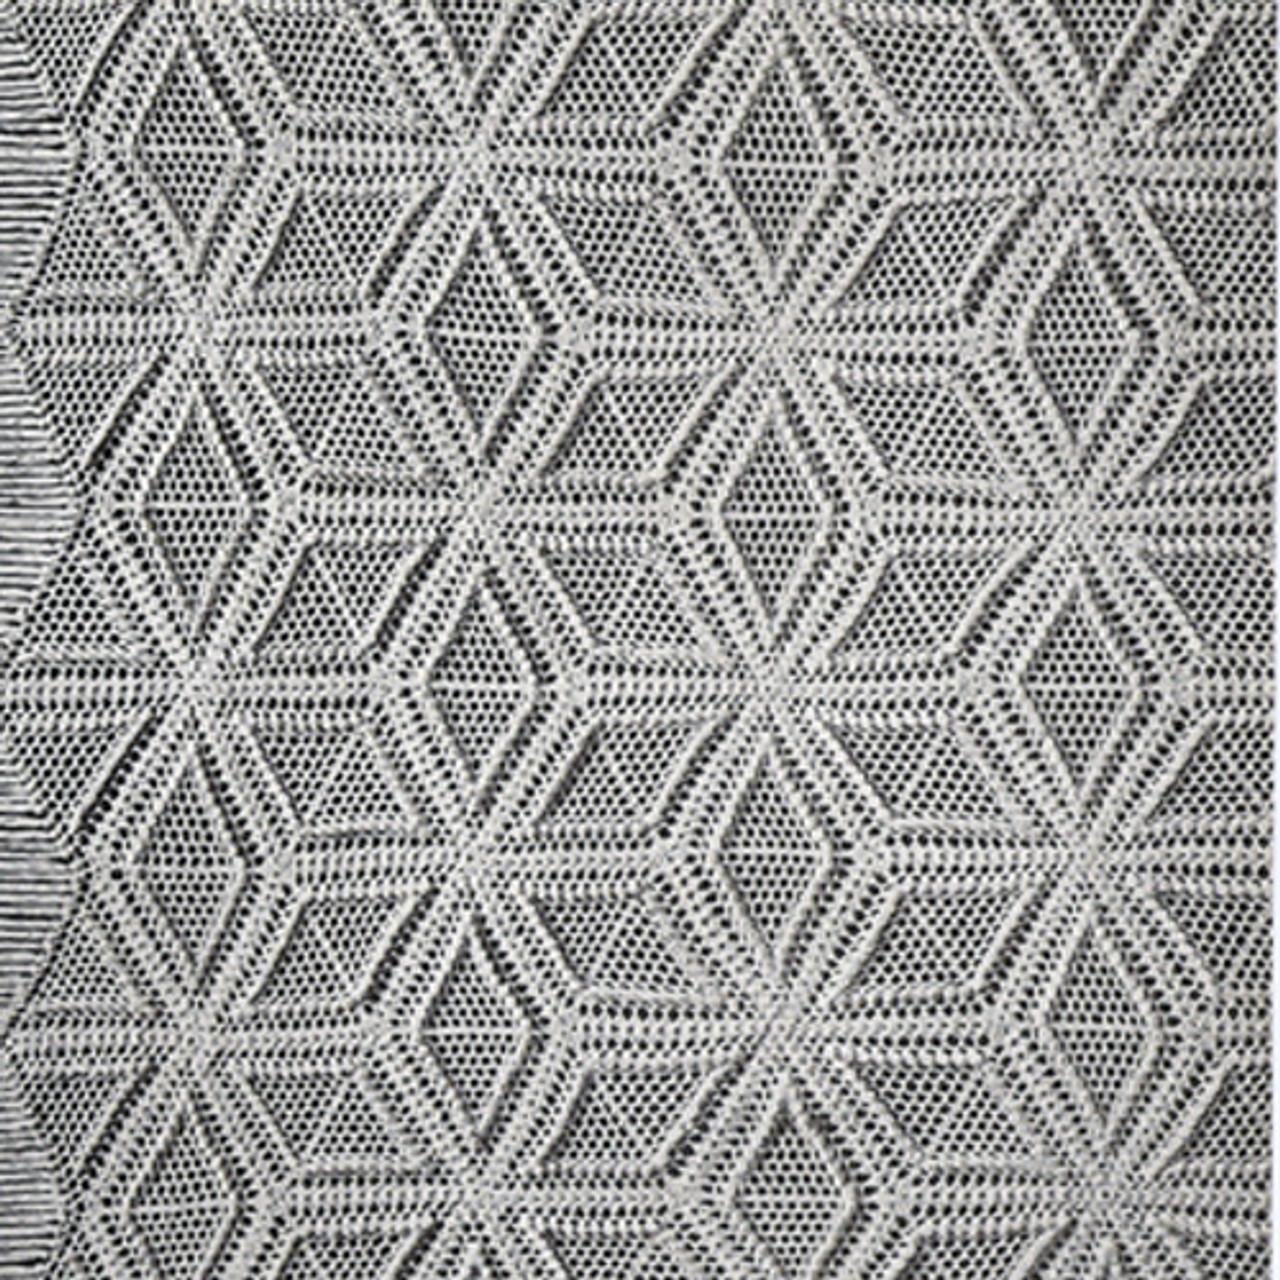 Vintage Popcorn Stitch Crochet Bedspread Pattern